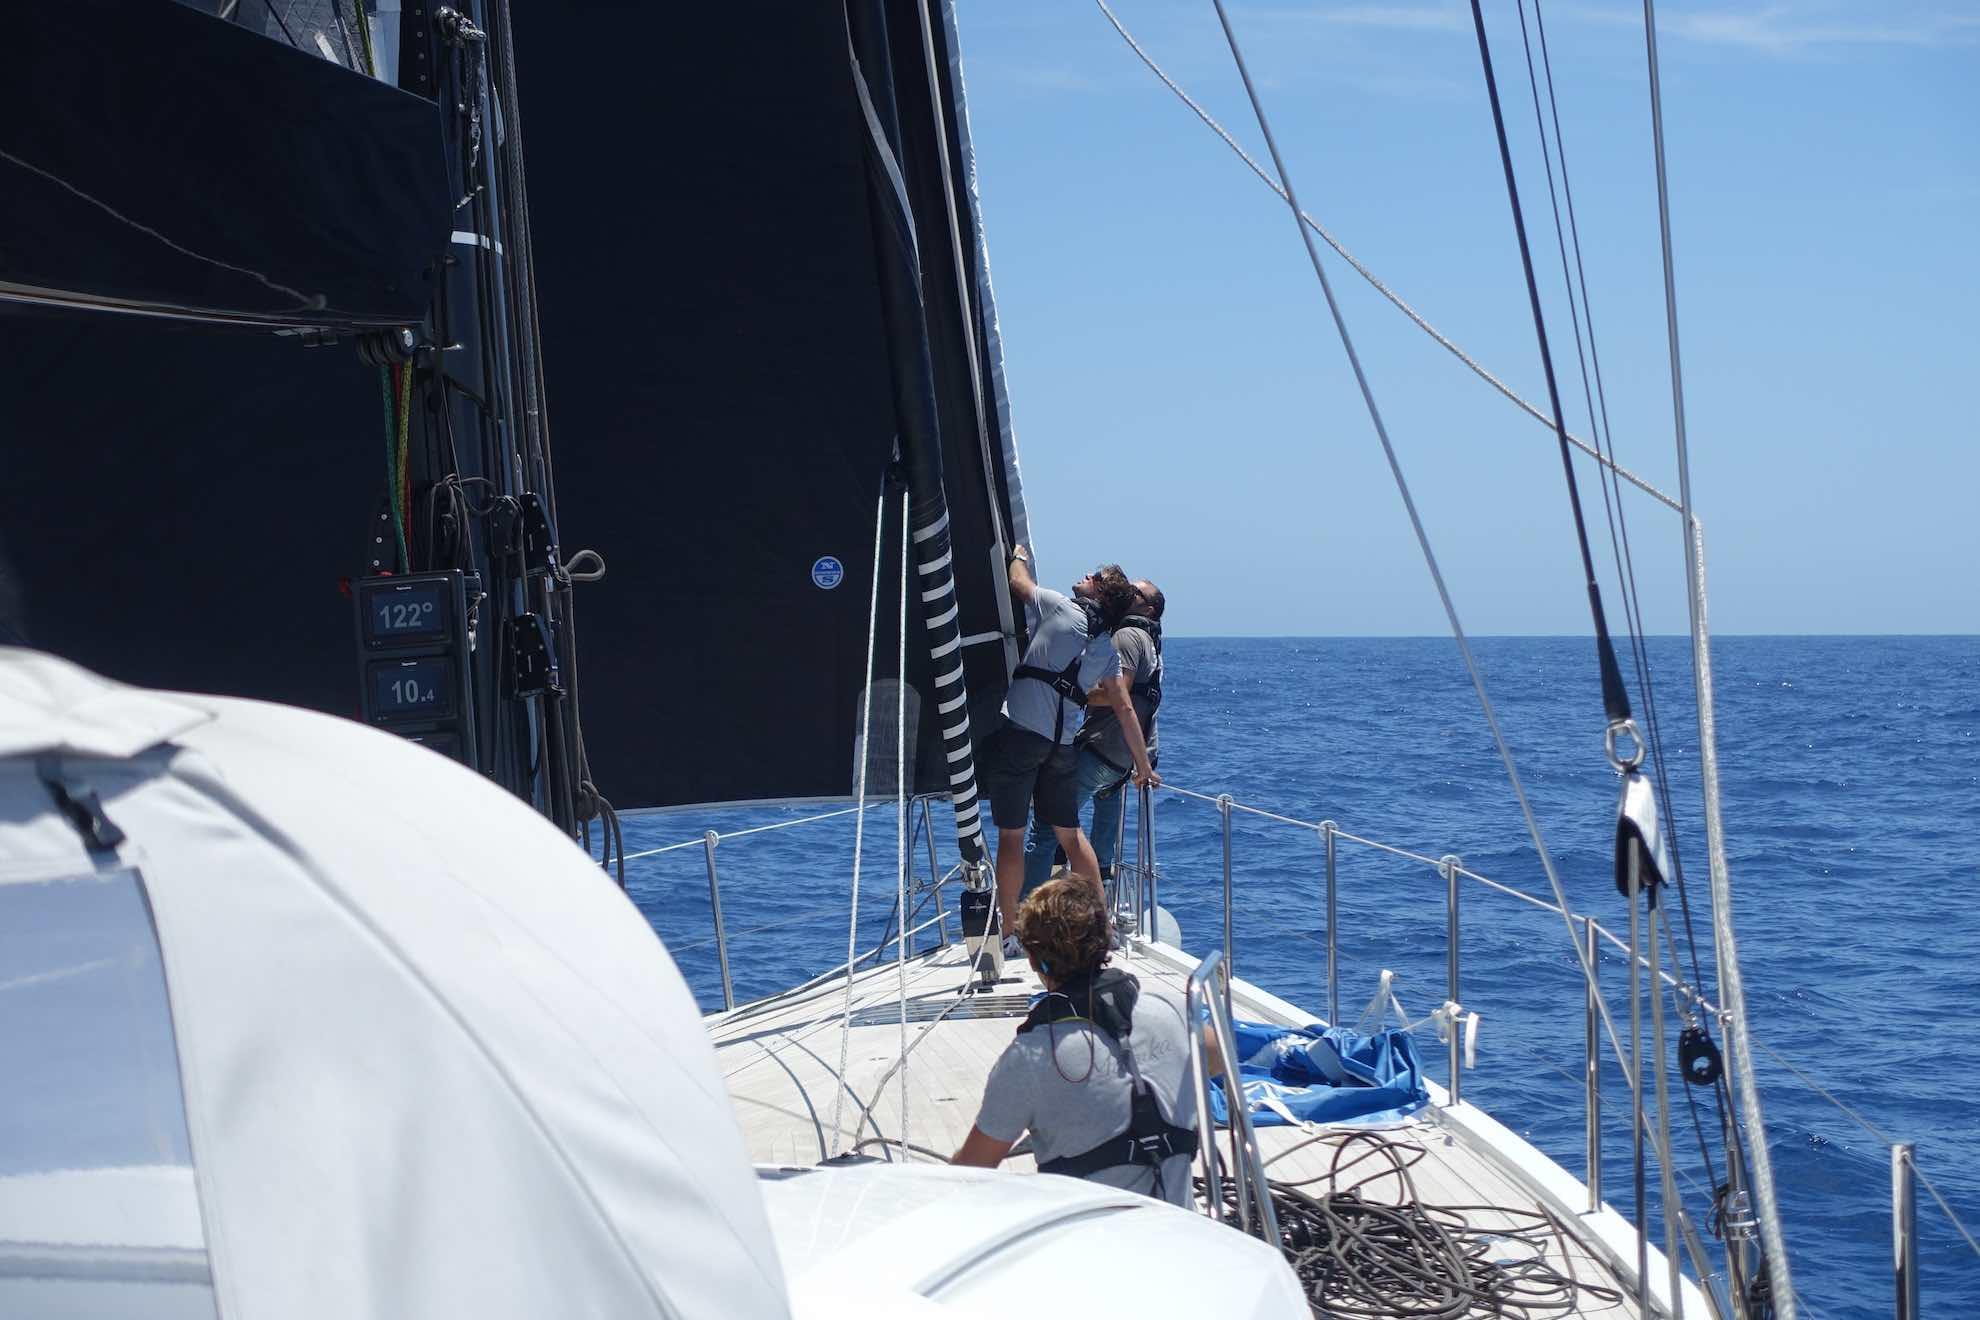 Die Segel sind unser Motor - aber nur bei passendem Wind, wie z.B. heute.